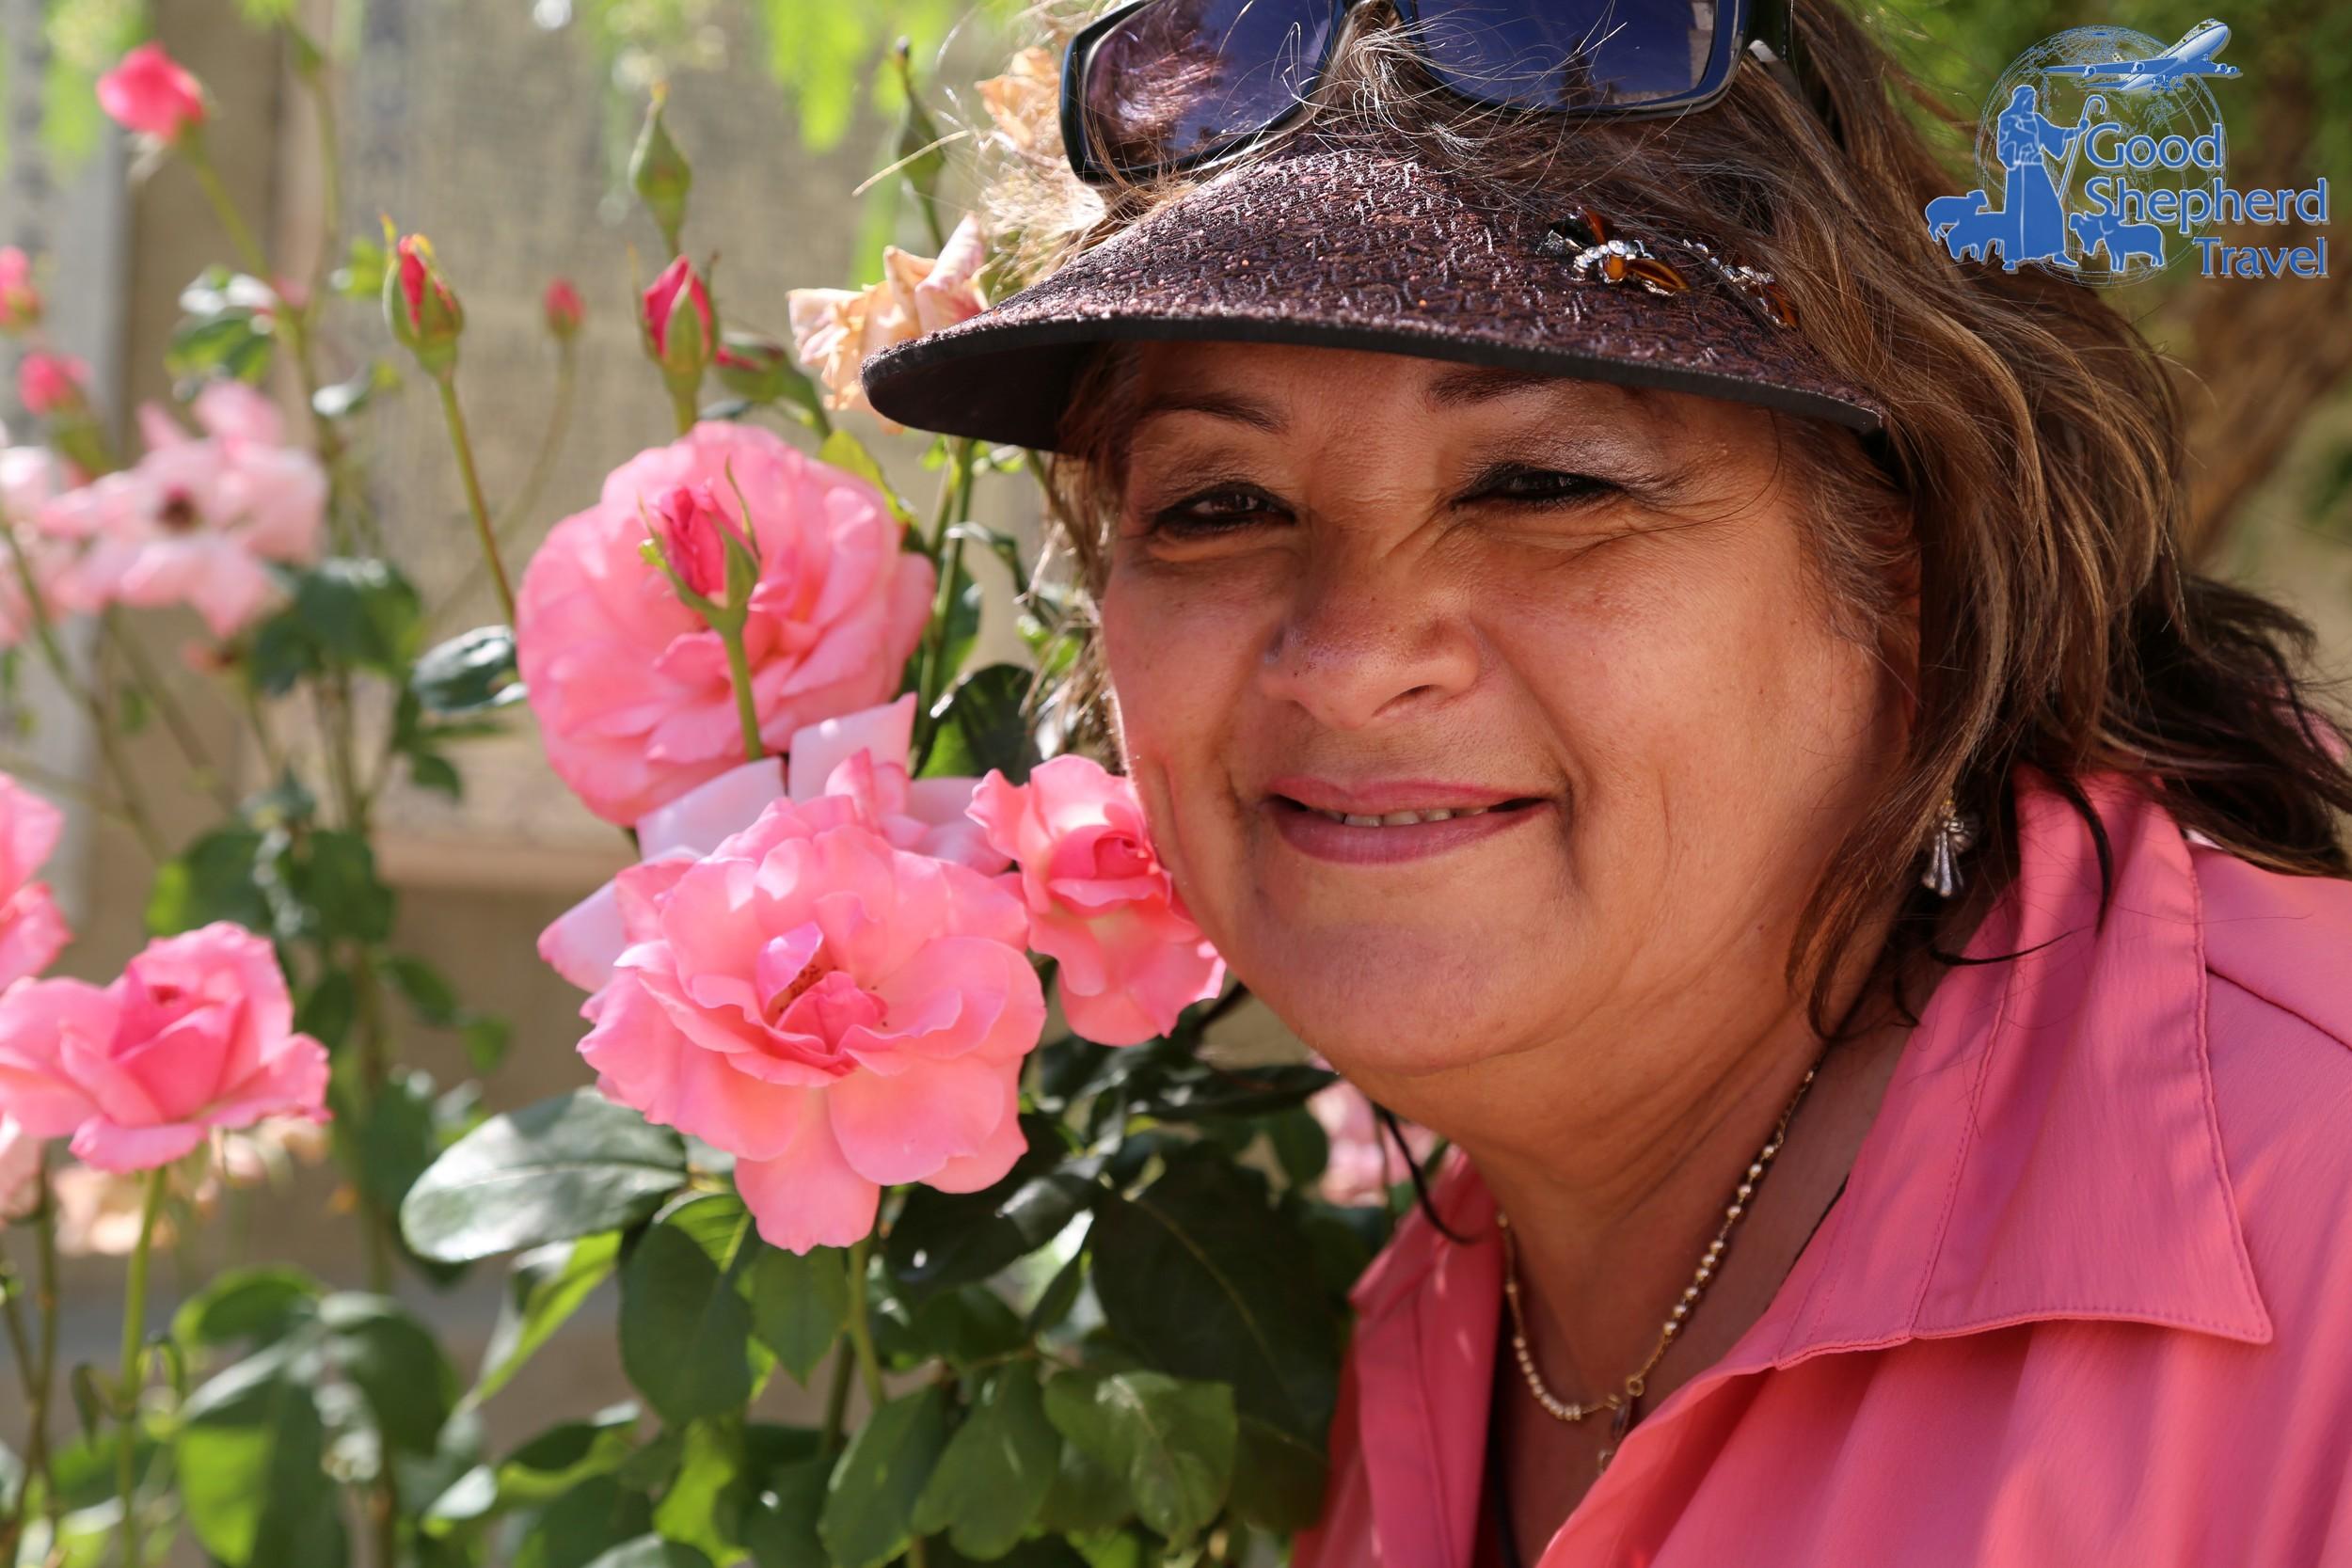 Ms. Maria Quilantan Mata Lyford, Texas June 2015